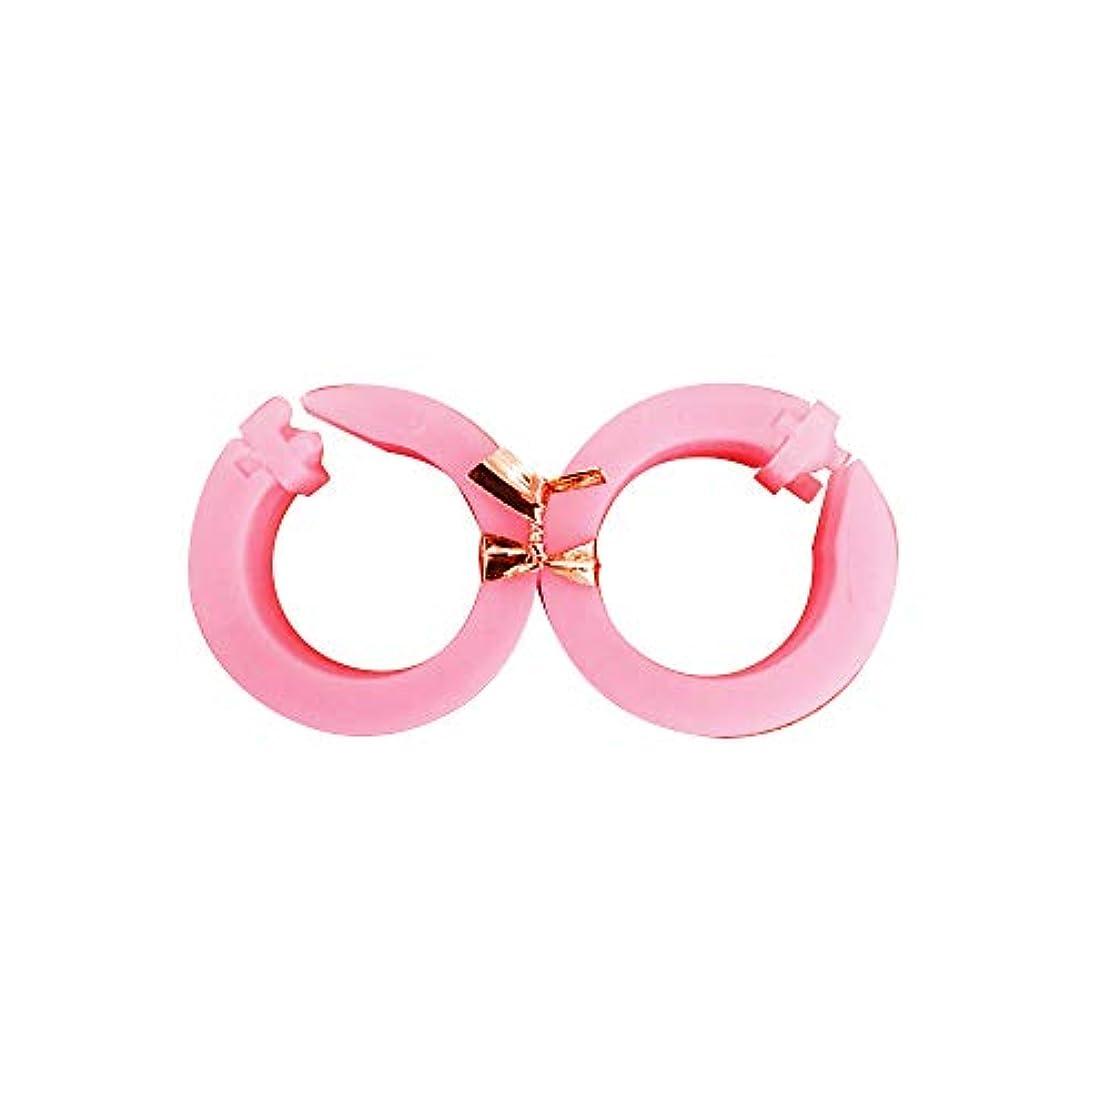 メモハンサムスーパー【サフランフィールド】 耳つぼ ダイエットリング 美容 耳つぼ美人 ピンク